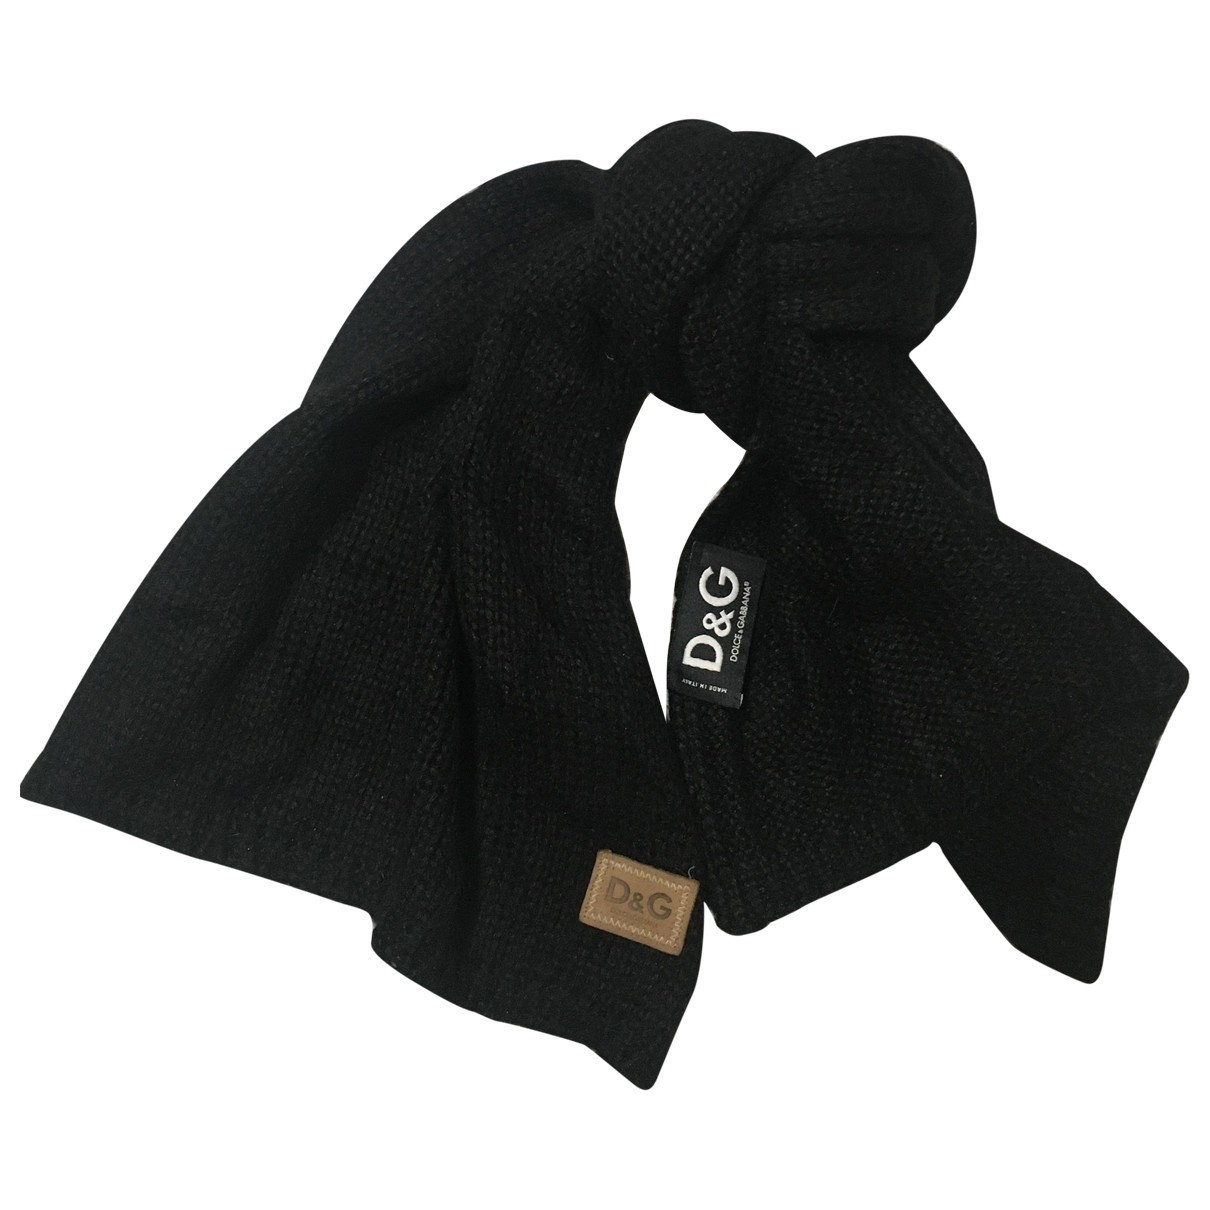 D&g \N Black Wool scarf & pocket squares for Men \N